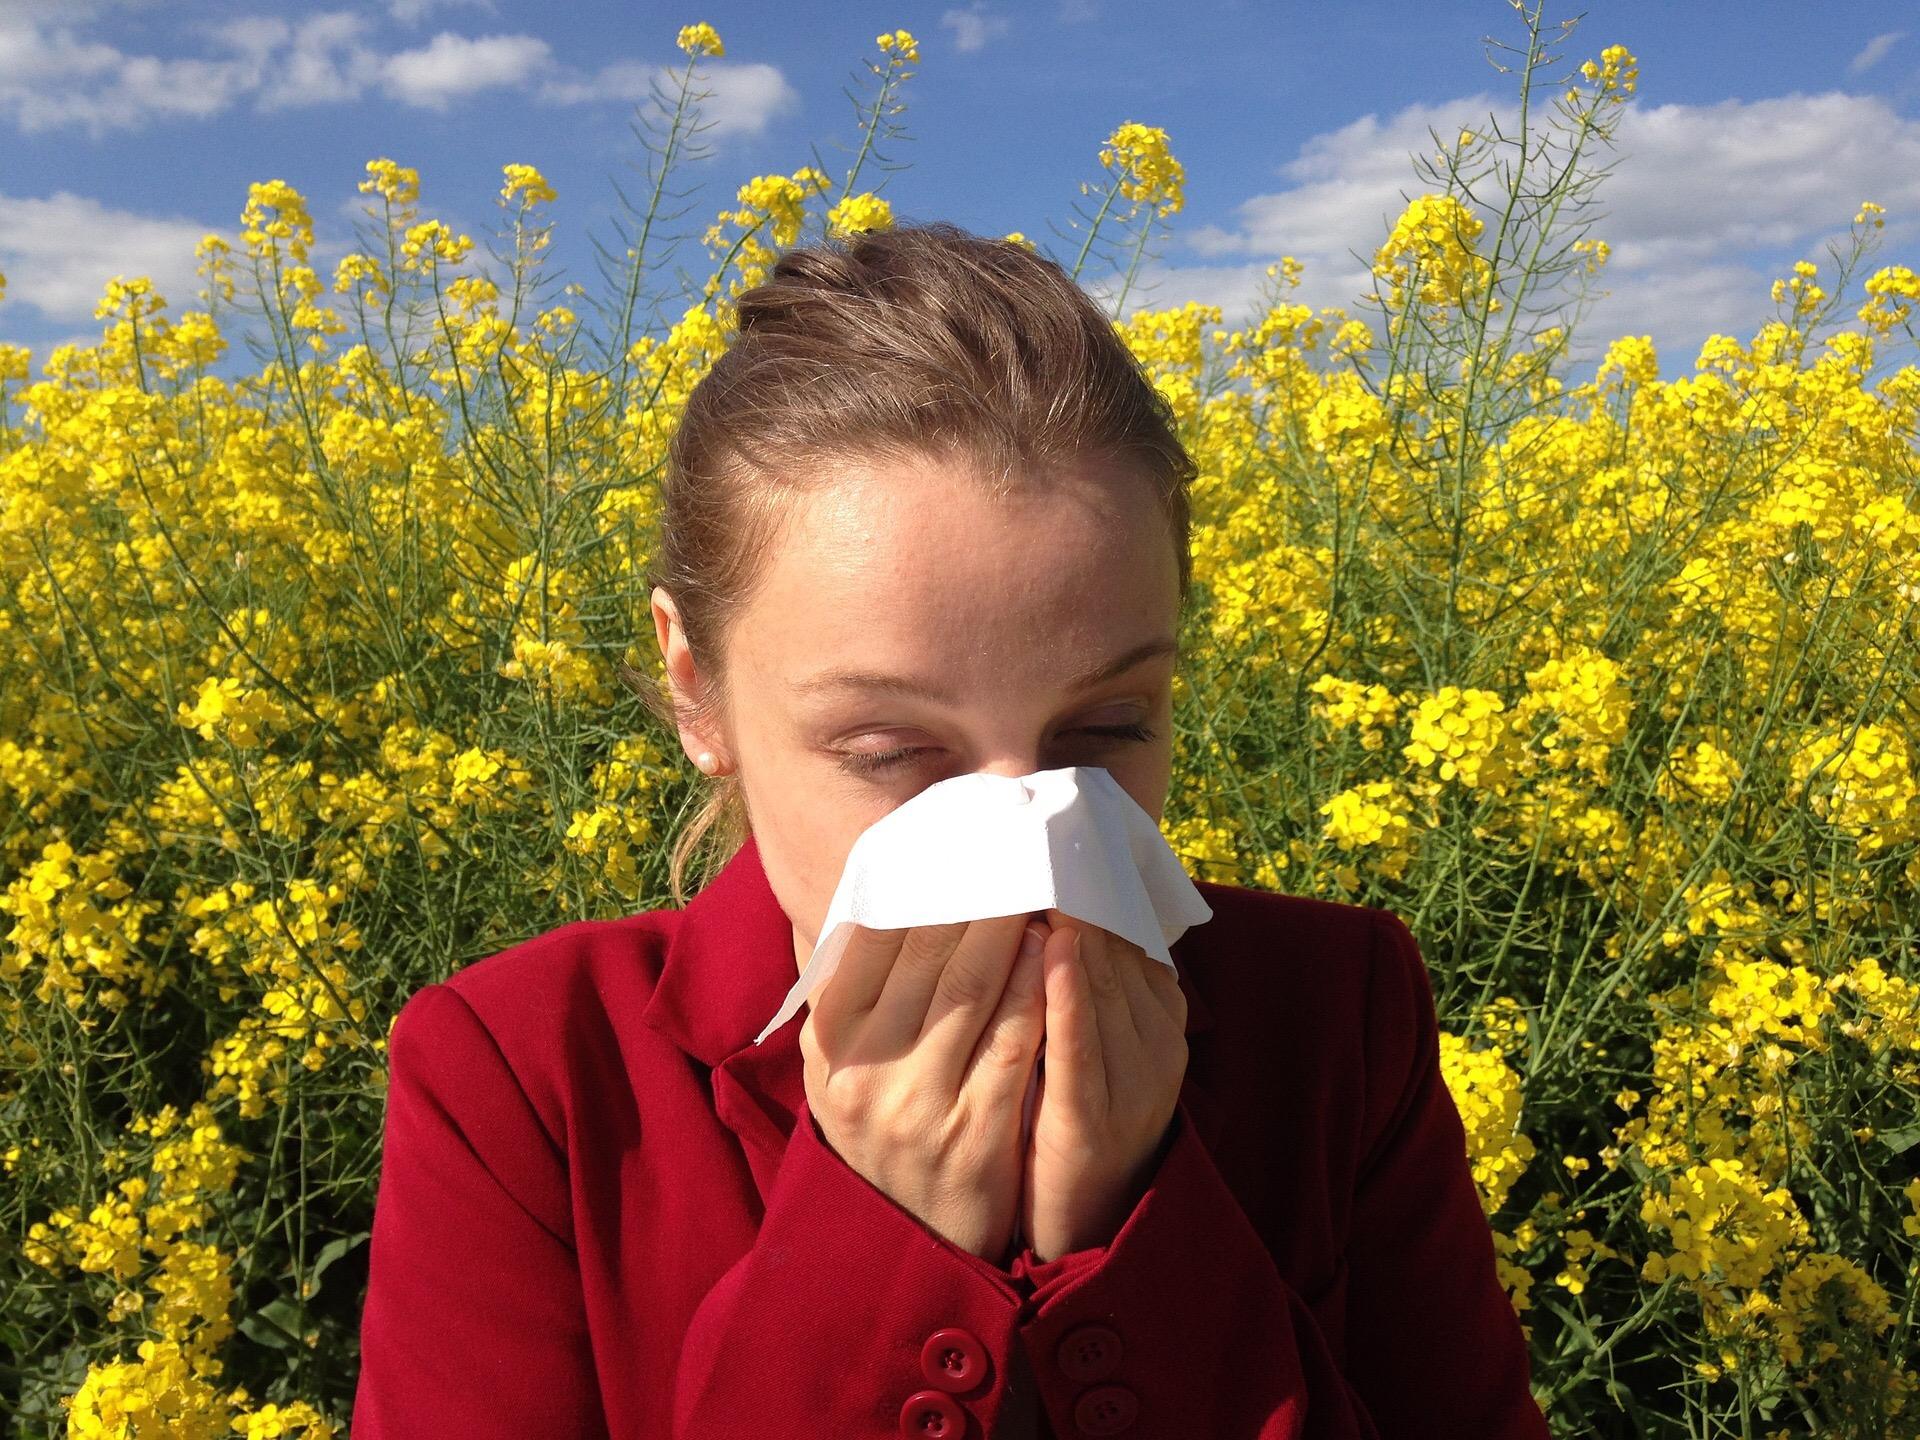 ดีท็อกซ์-ล้างพิษ-กรดไหลย้อน-ท้องผูก-detox-ท้องอืด-อาหารไม่ย่อย-ปวดหัว-ป่วยเรื้อรัง-นอนไม่หลับ-สิวเยอะ-ปจดไม่ปกติ-เมนไม่มา-วัยทอง-แก้สในกระเพาะ-ปากเหม็น-ลมในท้อง-เลือดข้น-ฮอร์โมนผิดปกติ-ปรับสมดุลย์ฮอร์โมน-หน้าใส-ปวดท้อง-ภูมิแพ้